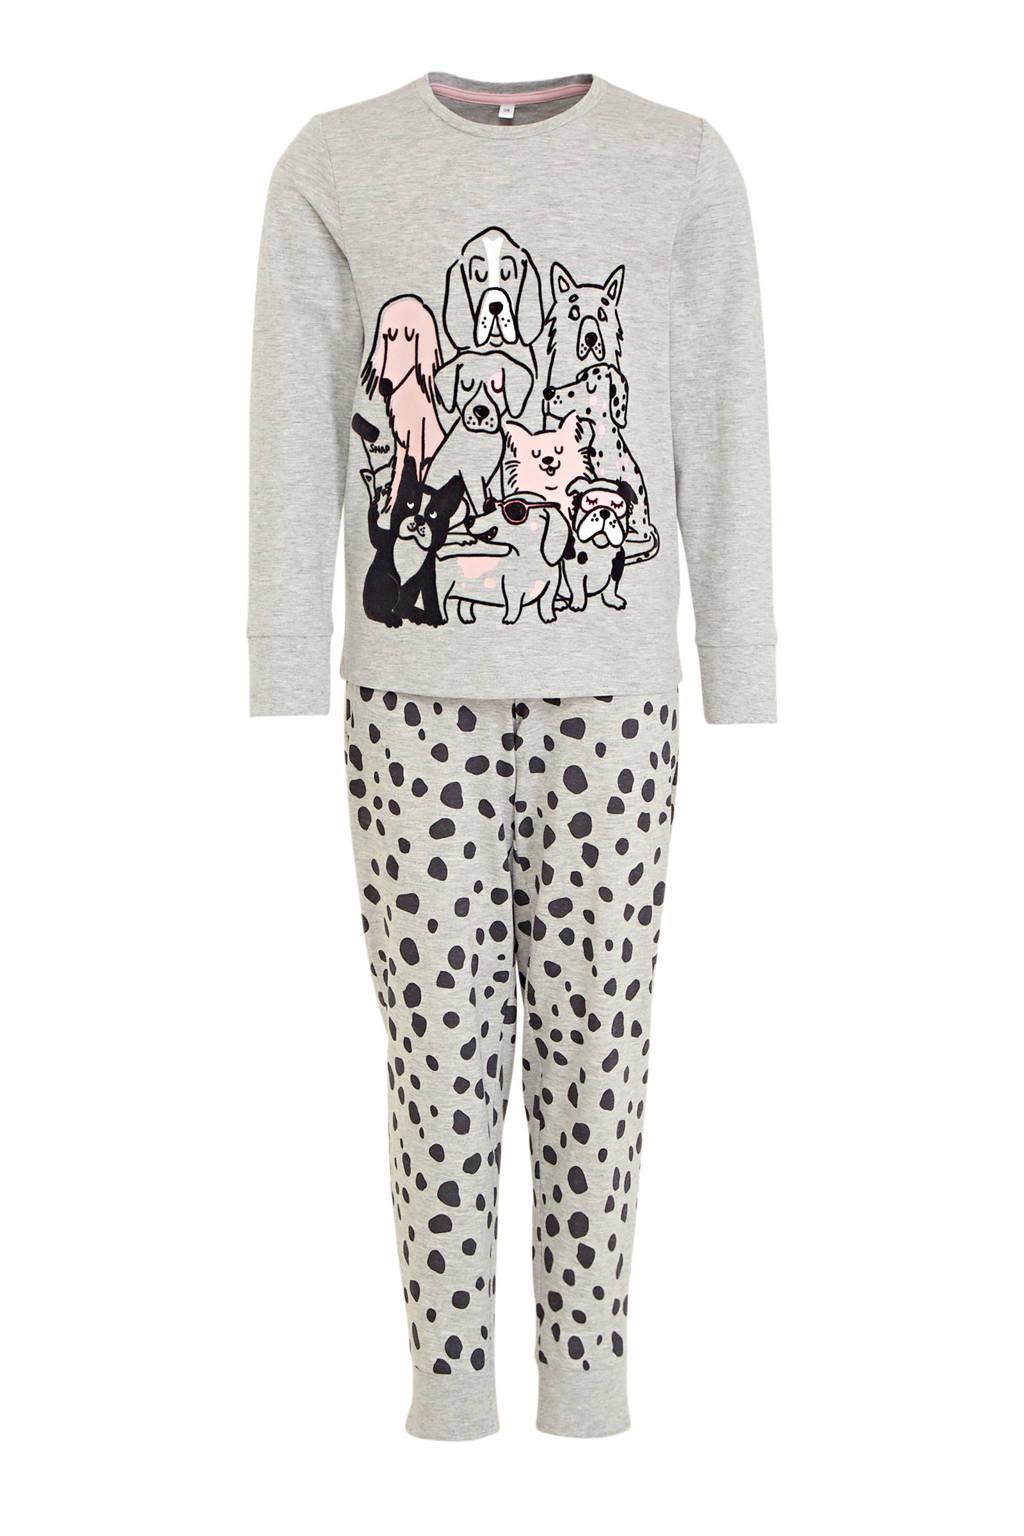 C&A Here & There pyjama - lichtgrijs/zwart, Lichtgrijs/zwart/roze